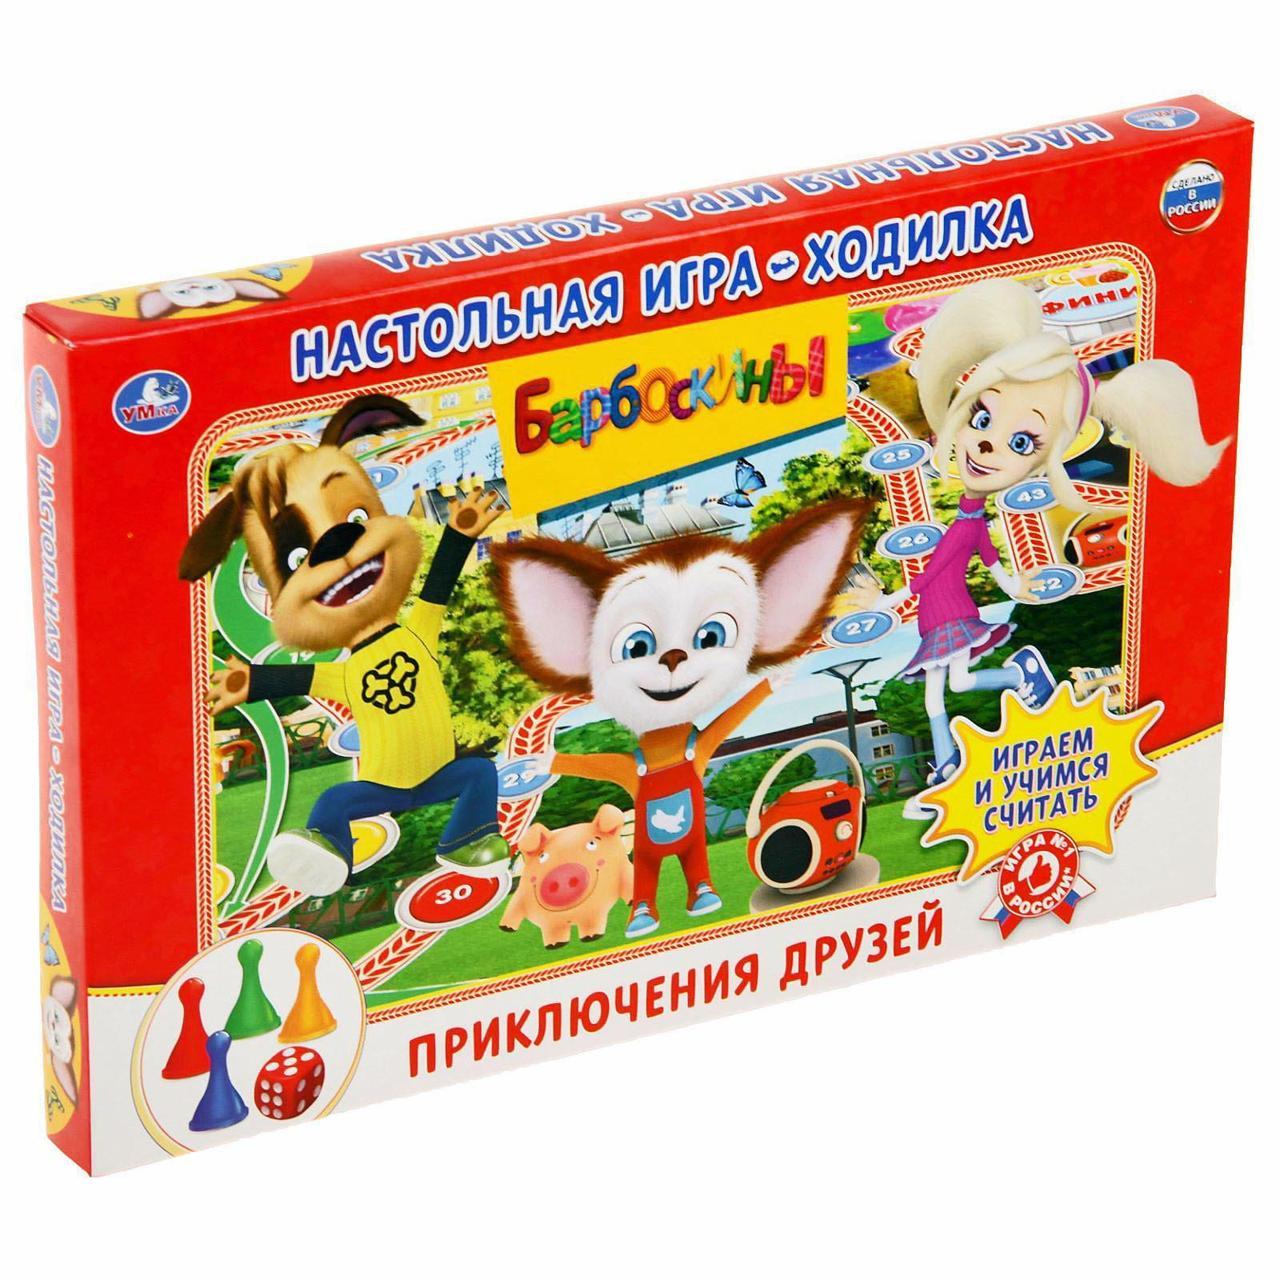 Настольная игра-ходилка «Барбоскины»